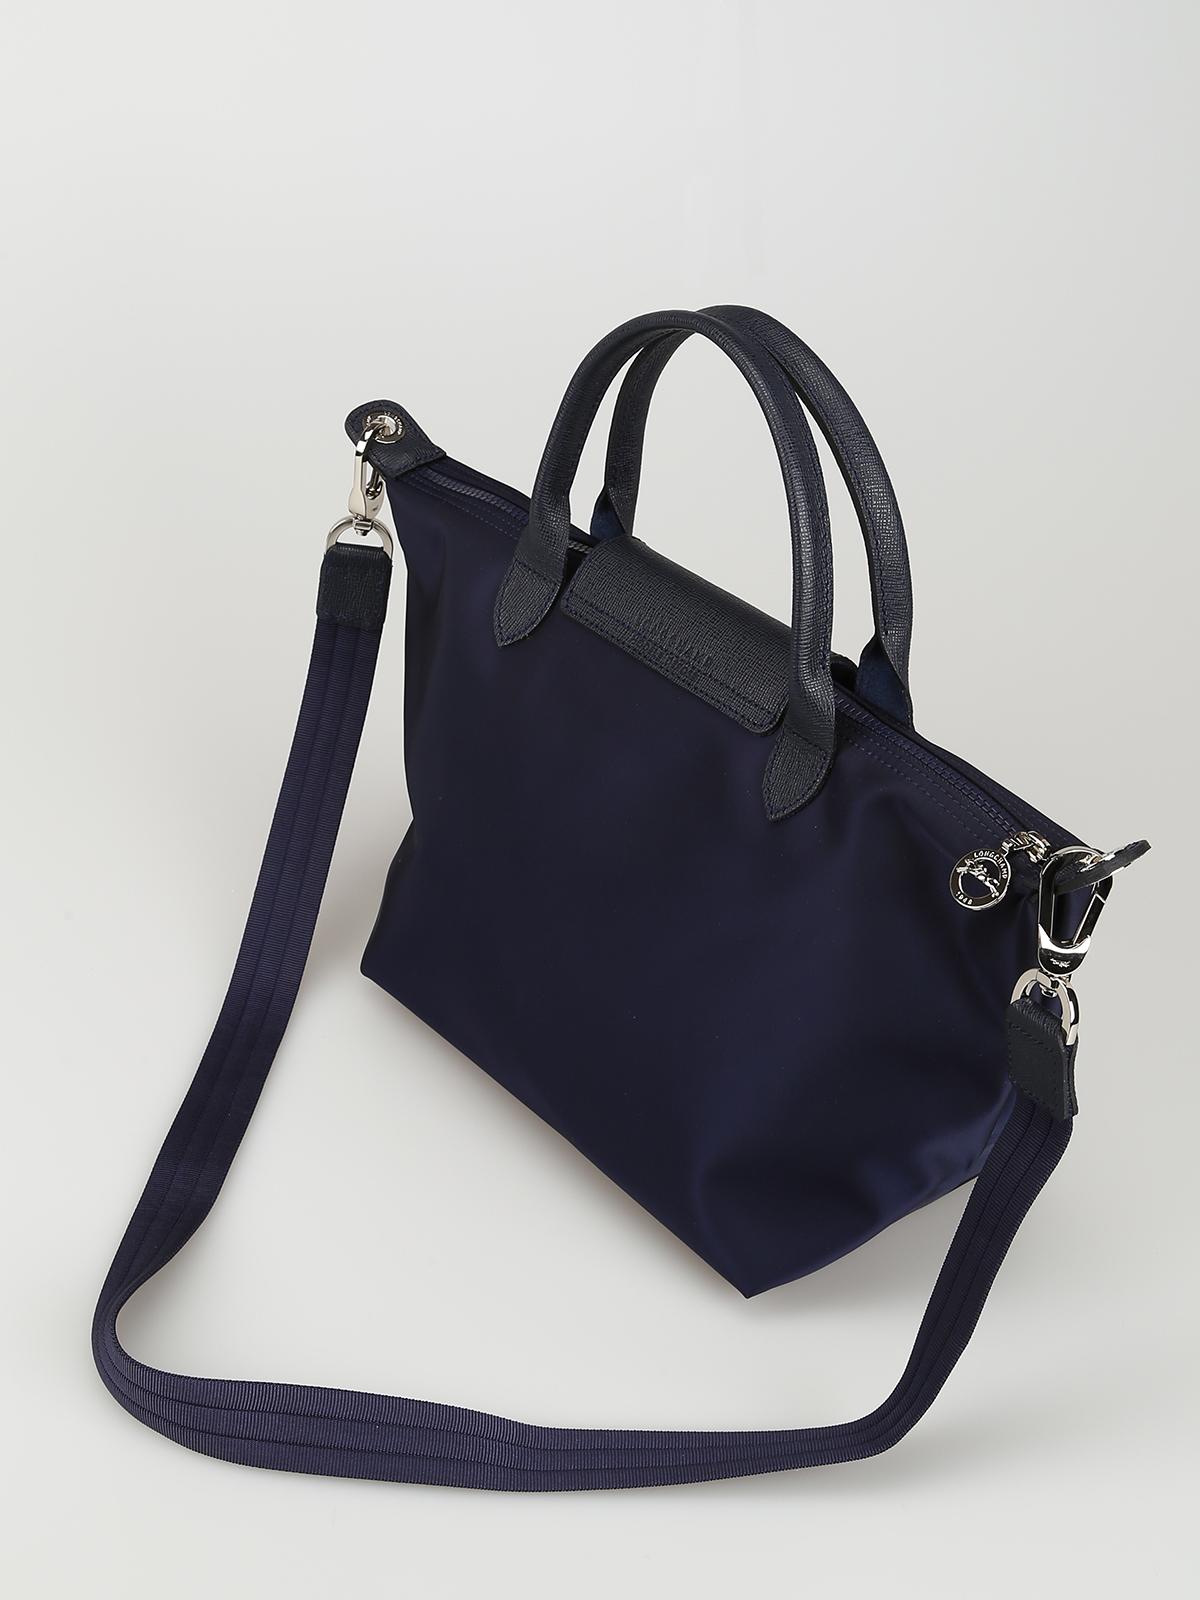 2787026239 Longchamp - Le Pliage Neo blue nylon handbag - totes bags - 1512578006